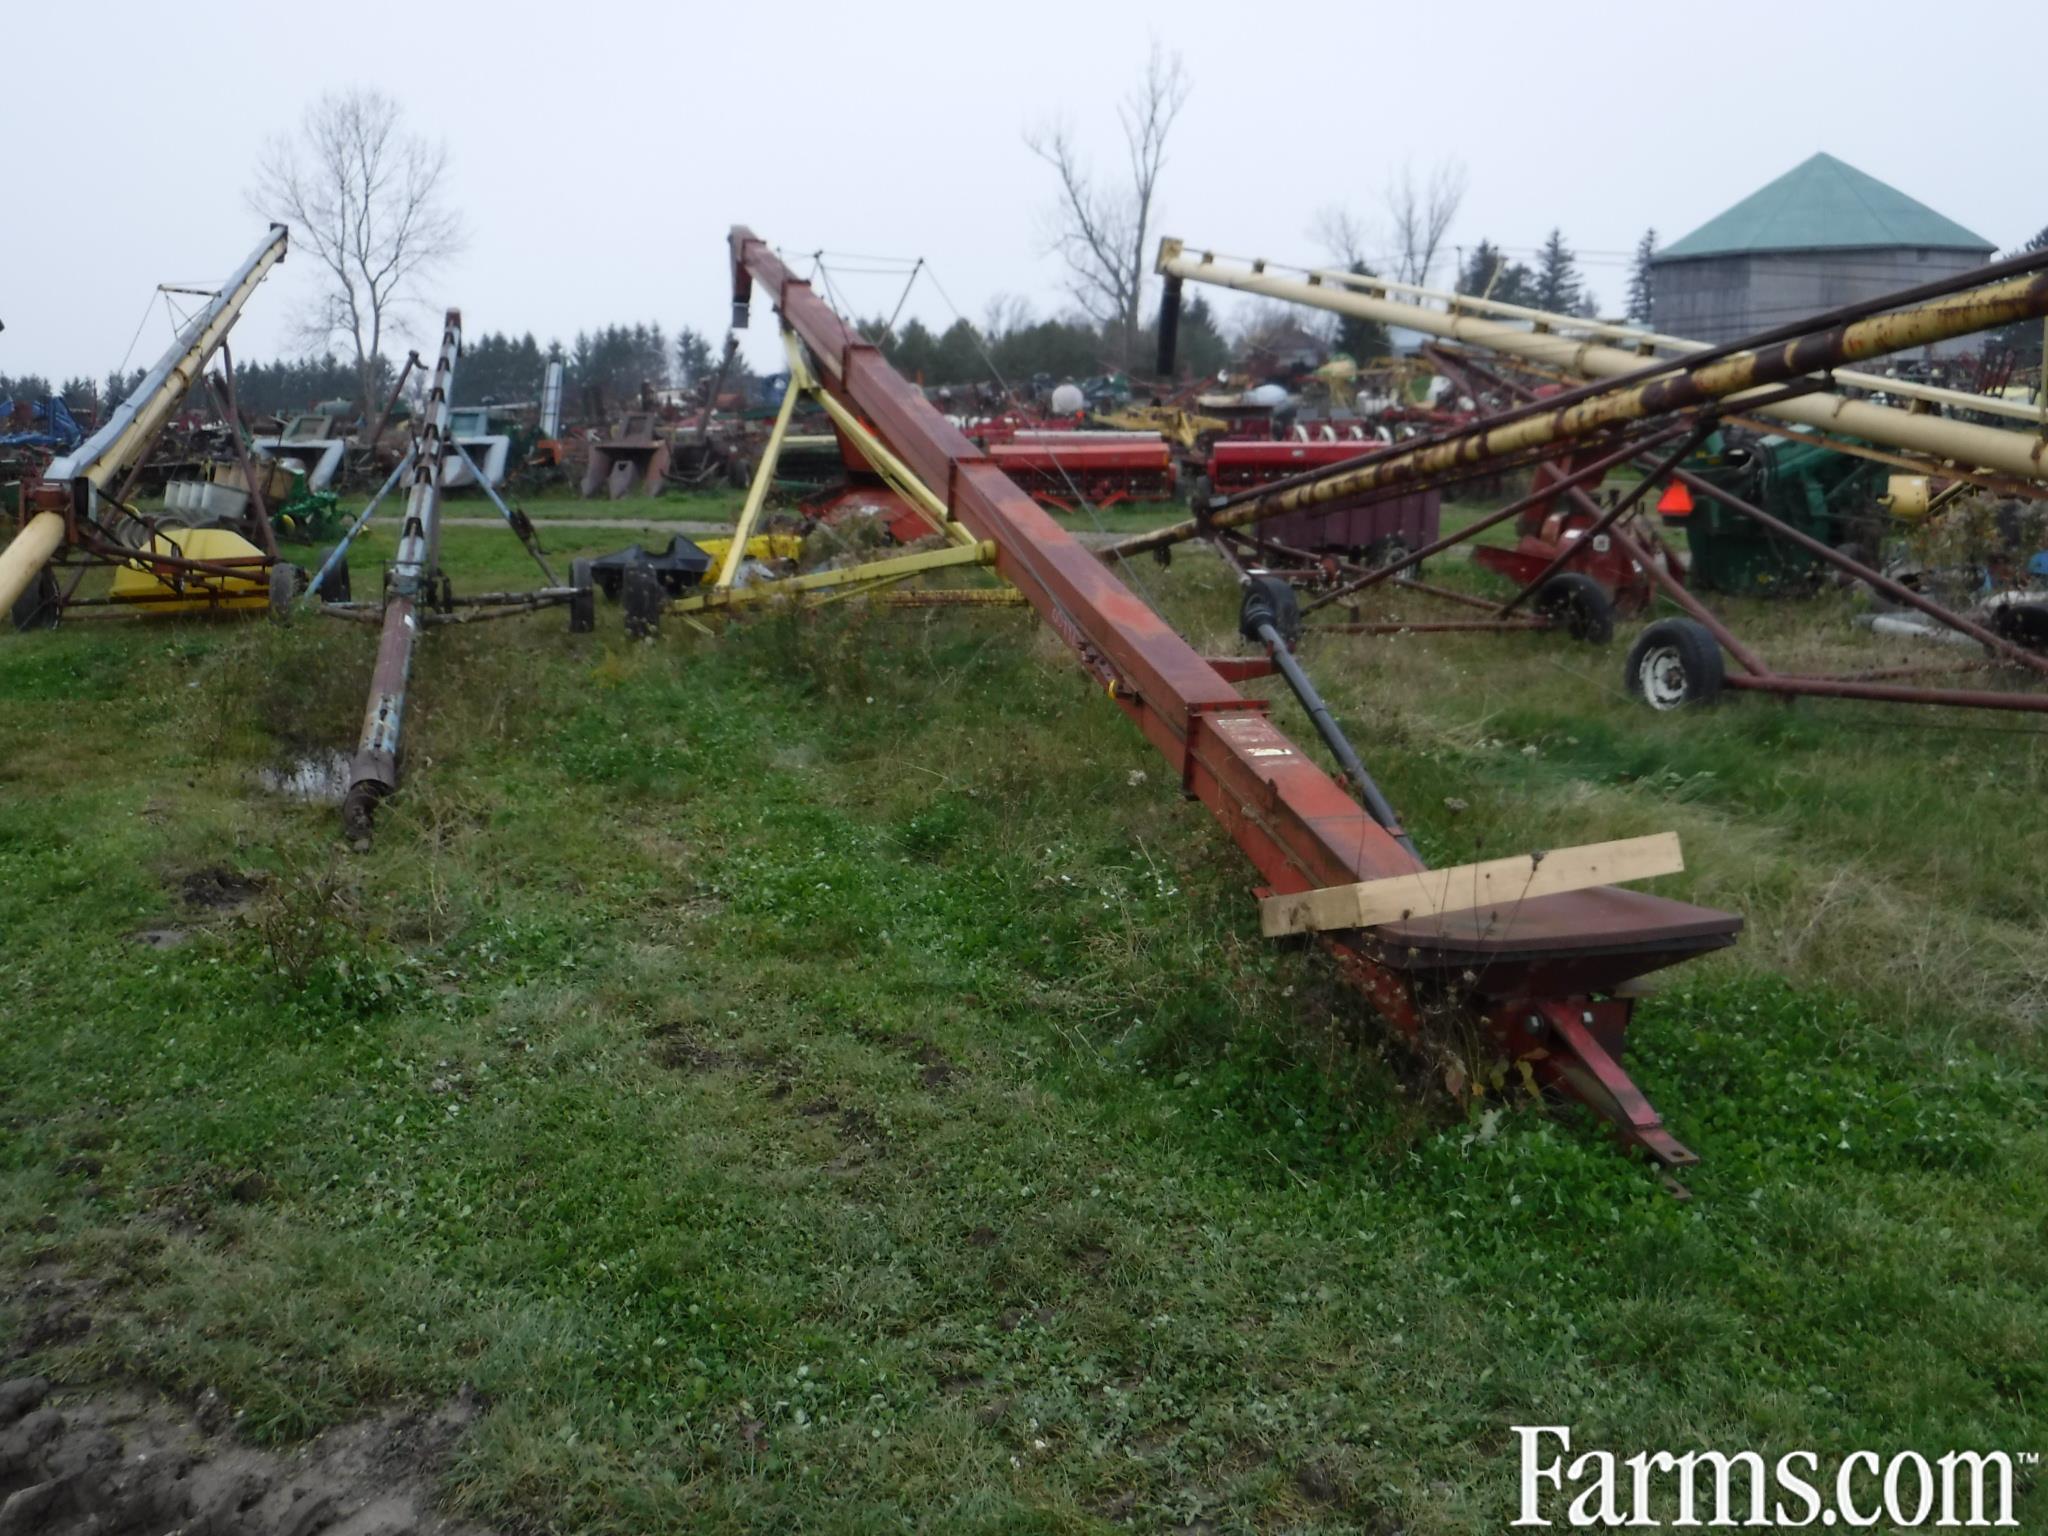 Farm-King conveyor